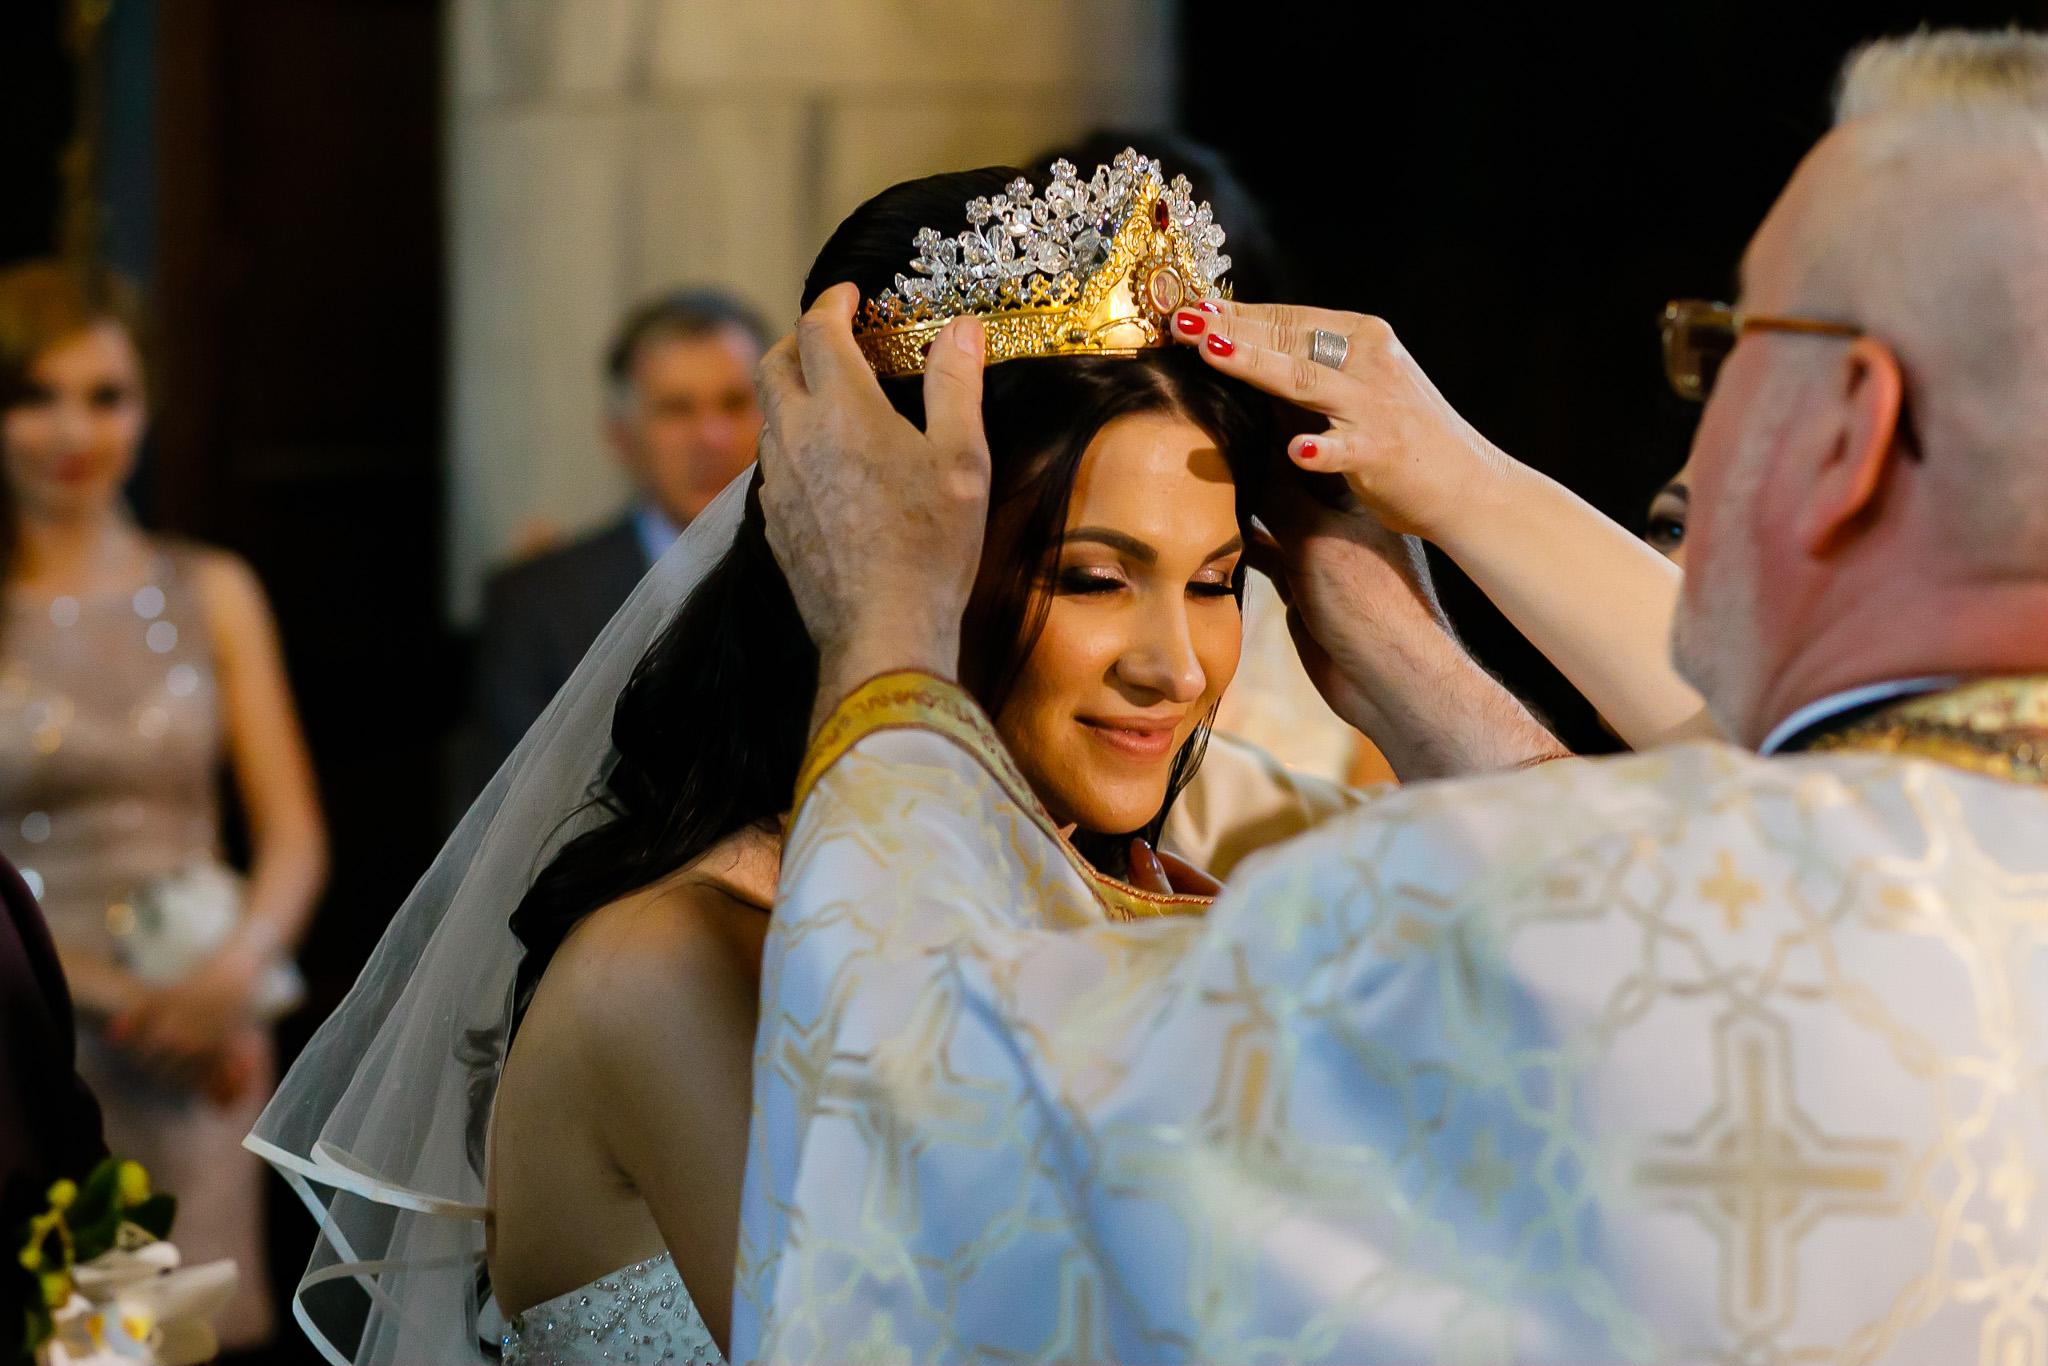 Larisa si Bogdan Nuntă la Pleiada fotograf profesionist nunta Iasi www.paulpadurariu.ro © 2018 Paul Padurariu cununia religioasa 4